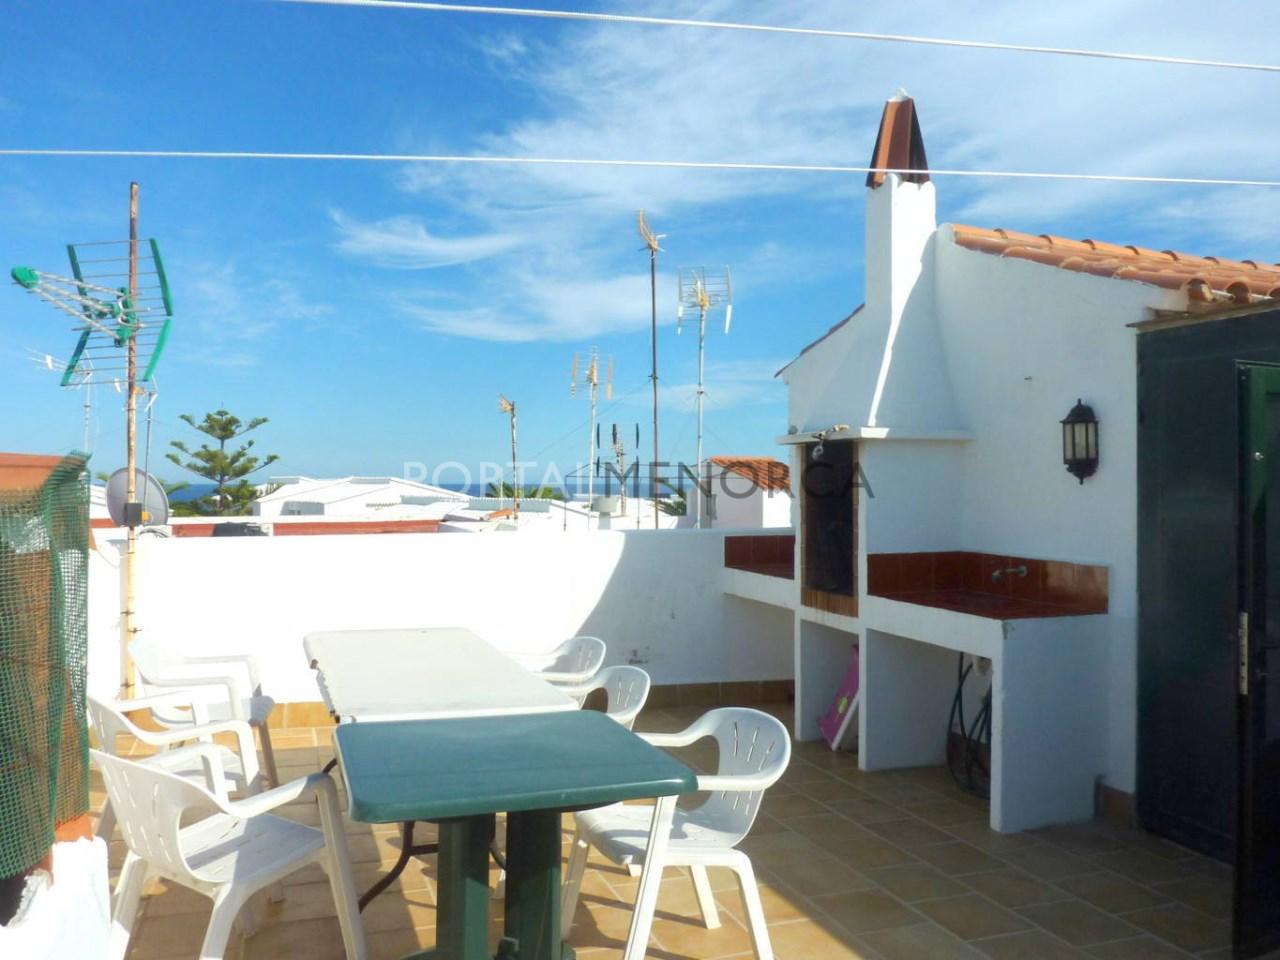 Apartamento en venta en S'Algar, Menorca con vistas al mar